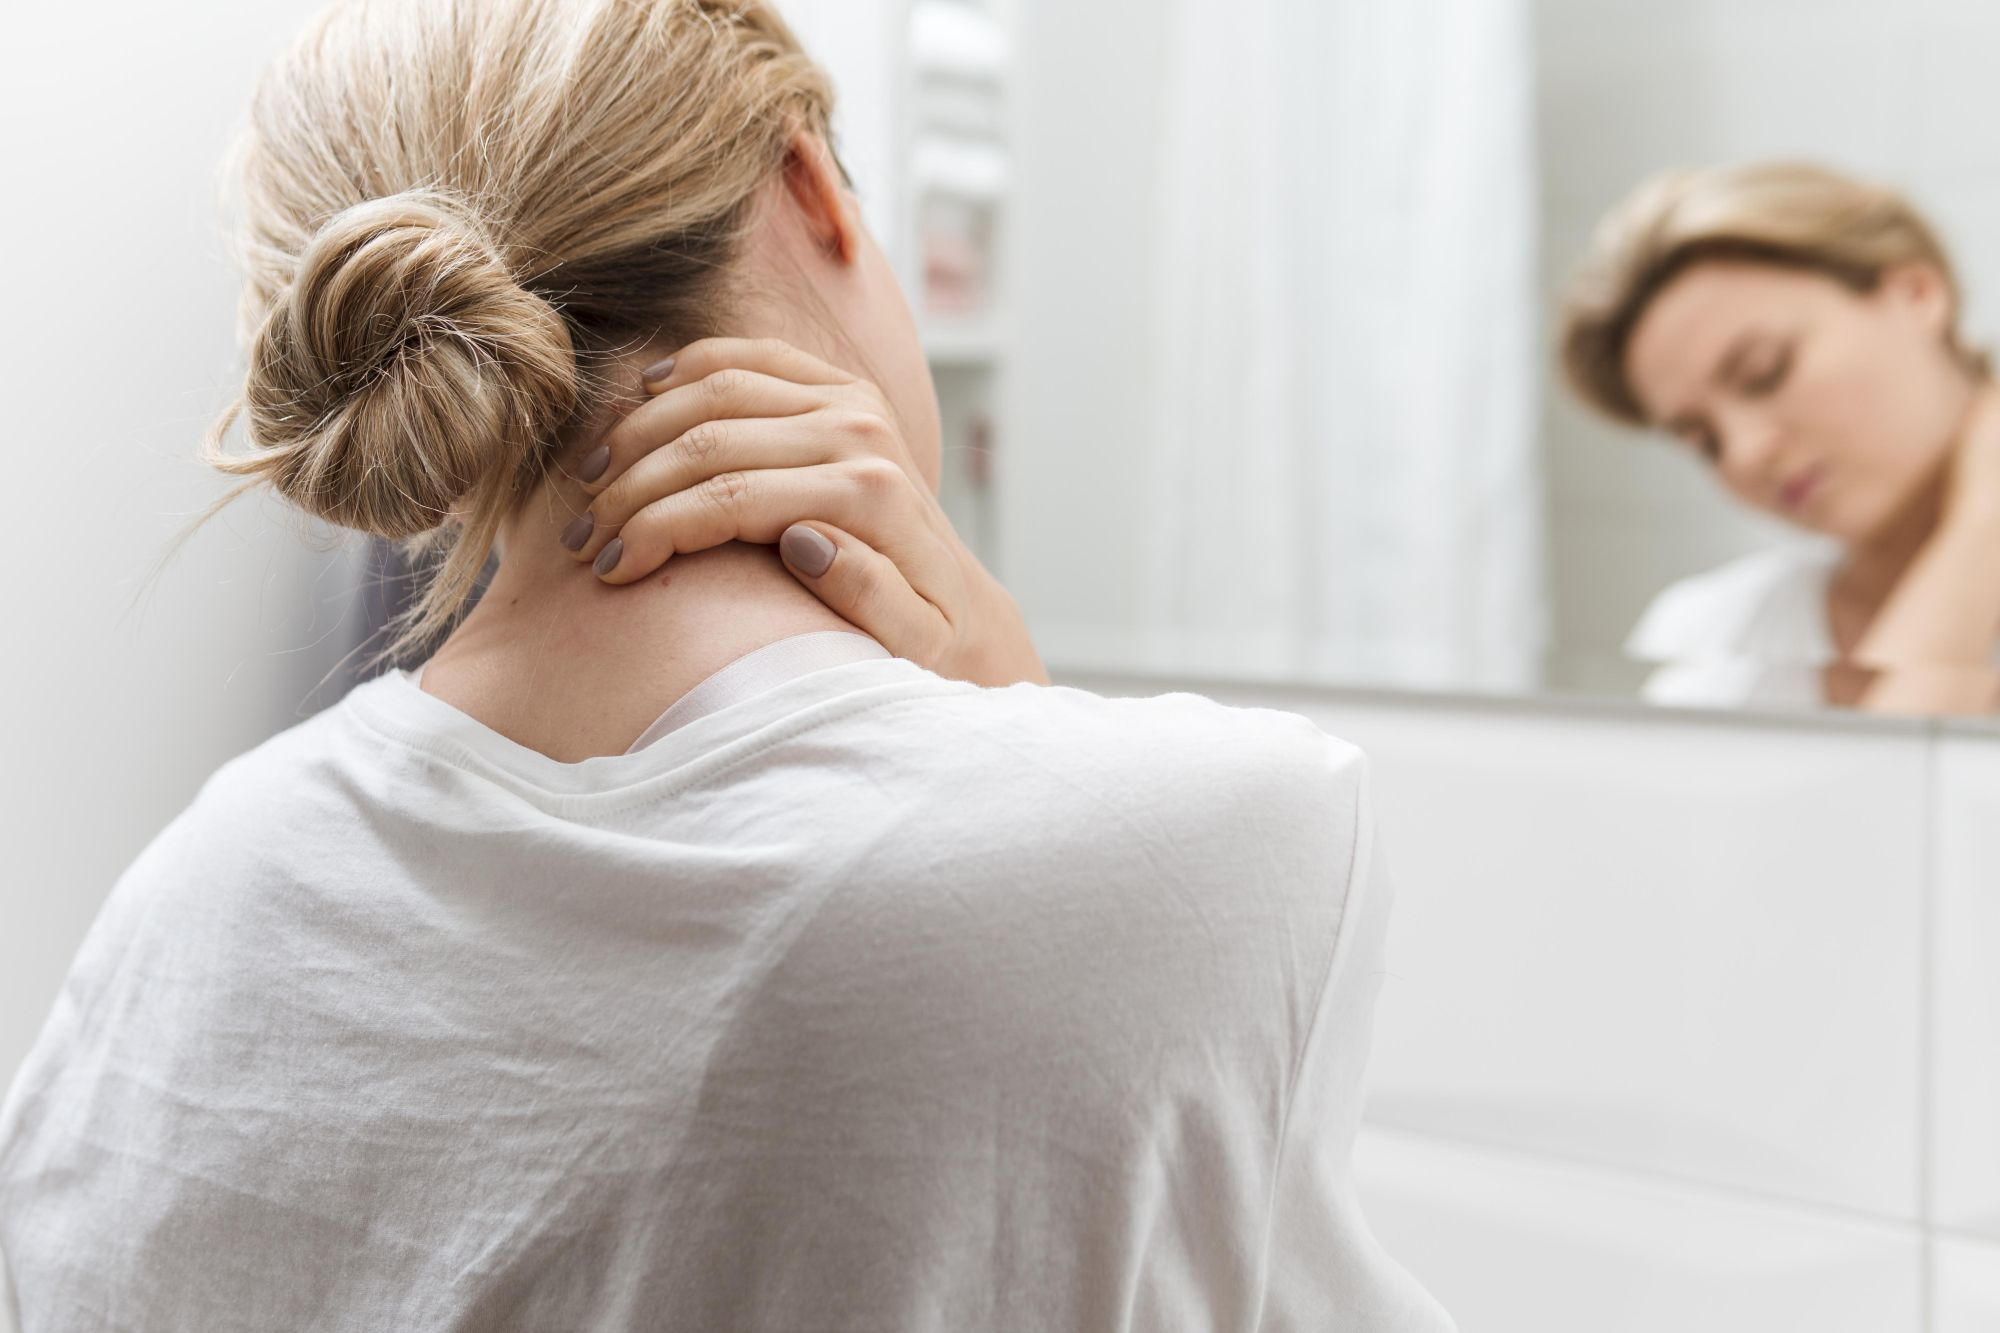 Szobabicikli használat mellett kialakulhat nyaki fájdalom